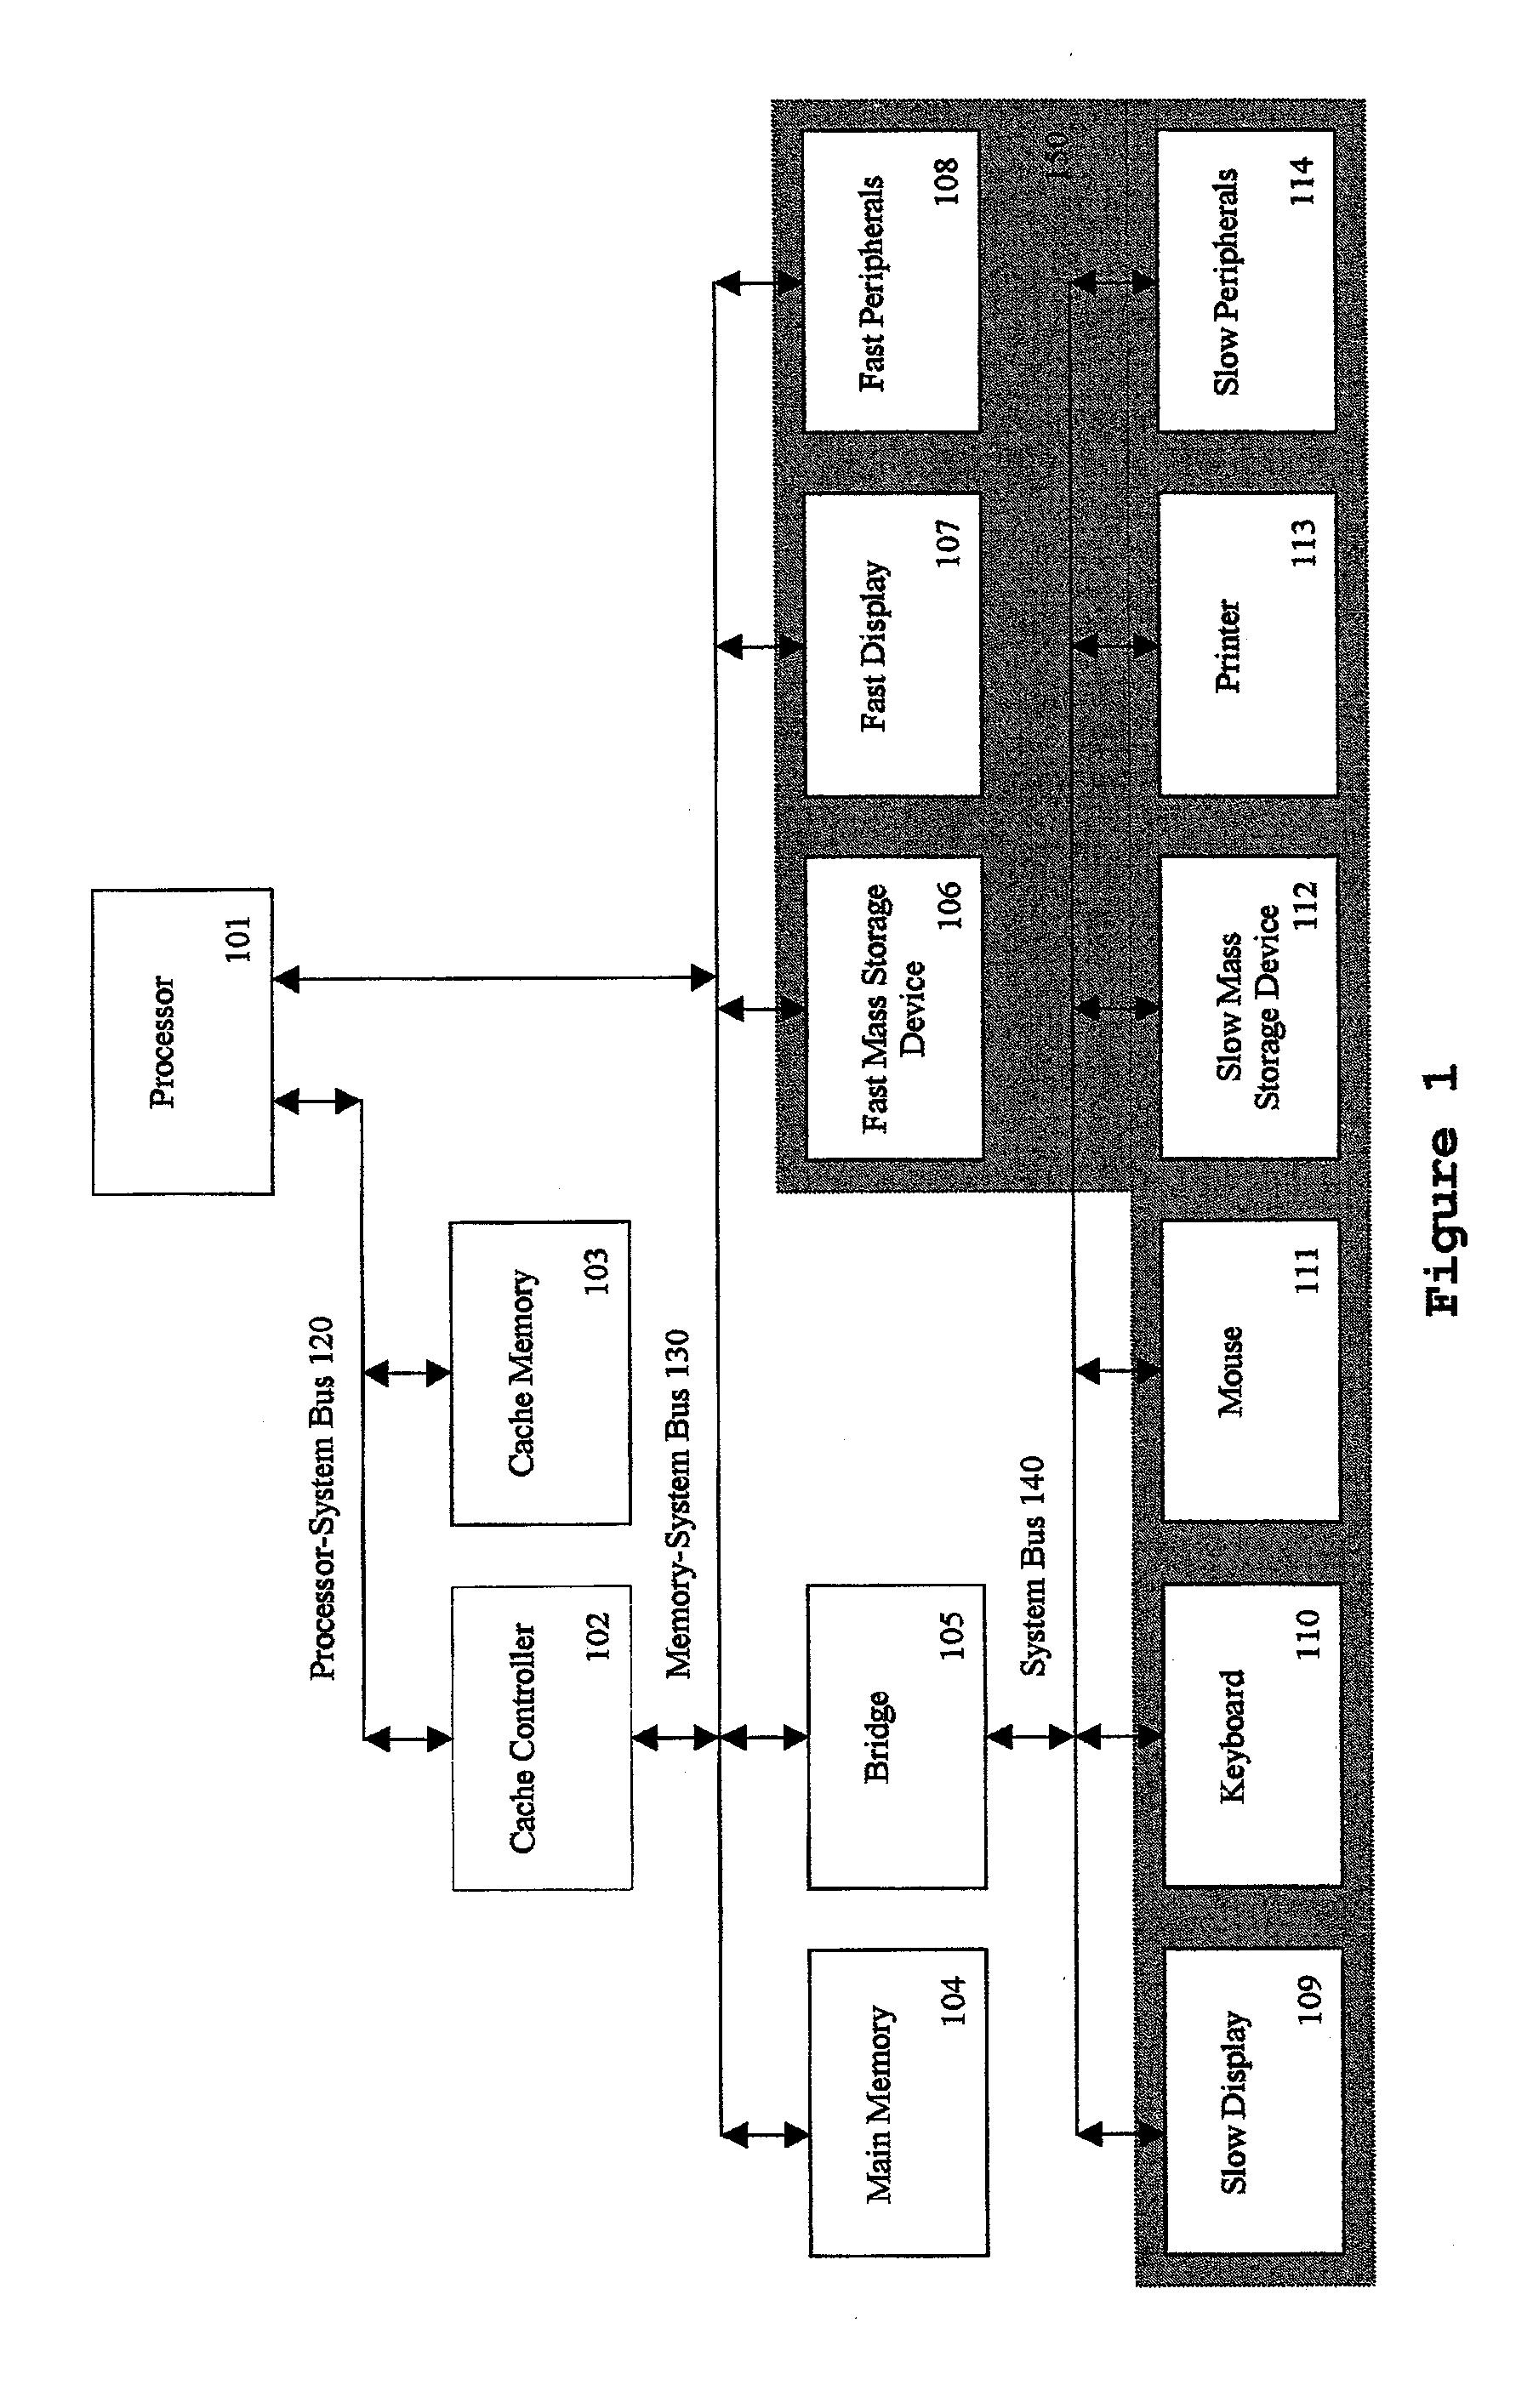 patent us20070061127